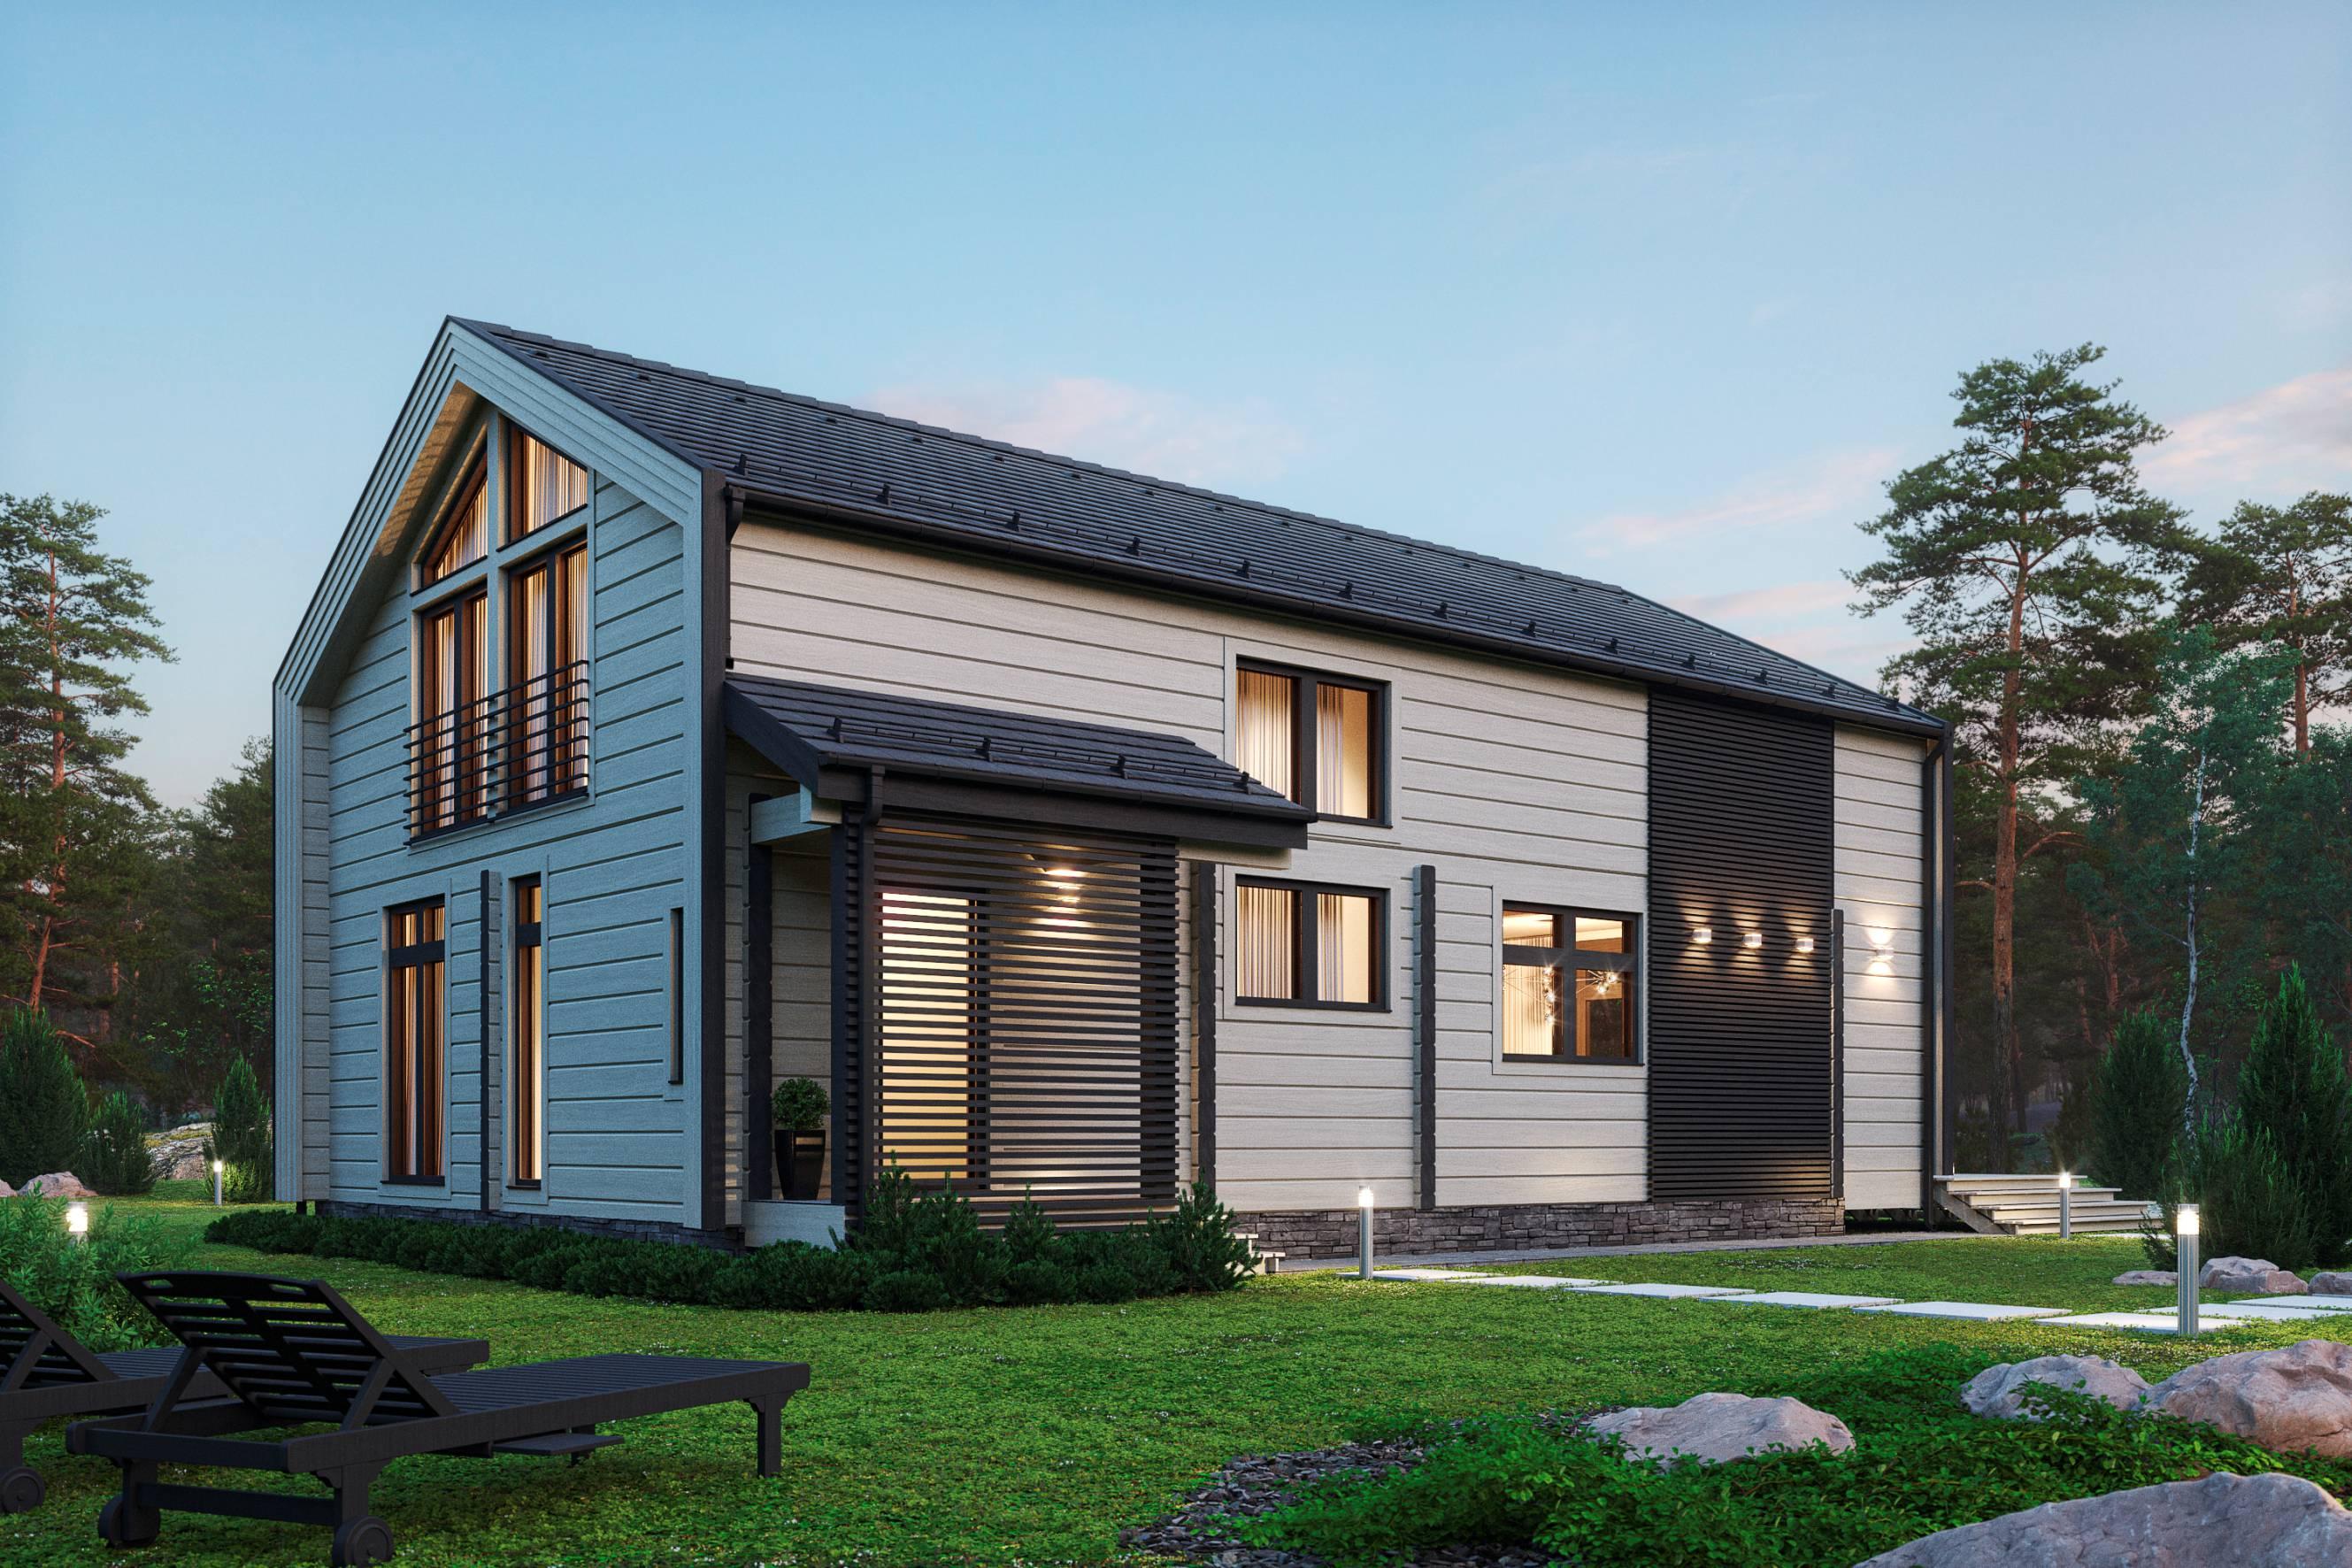 Honka Sunrise современный проект дома и клееного бруса